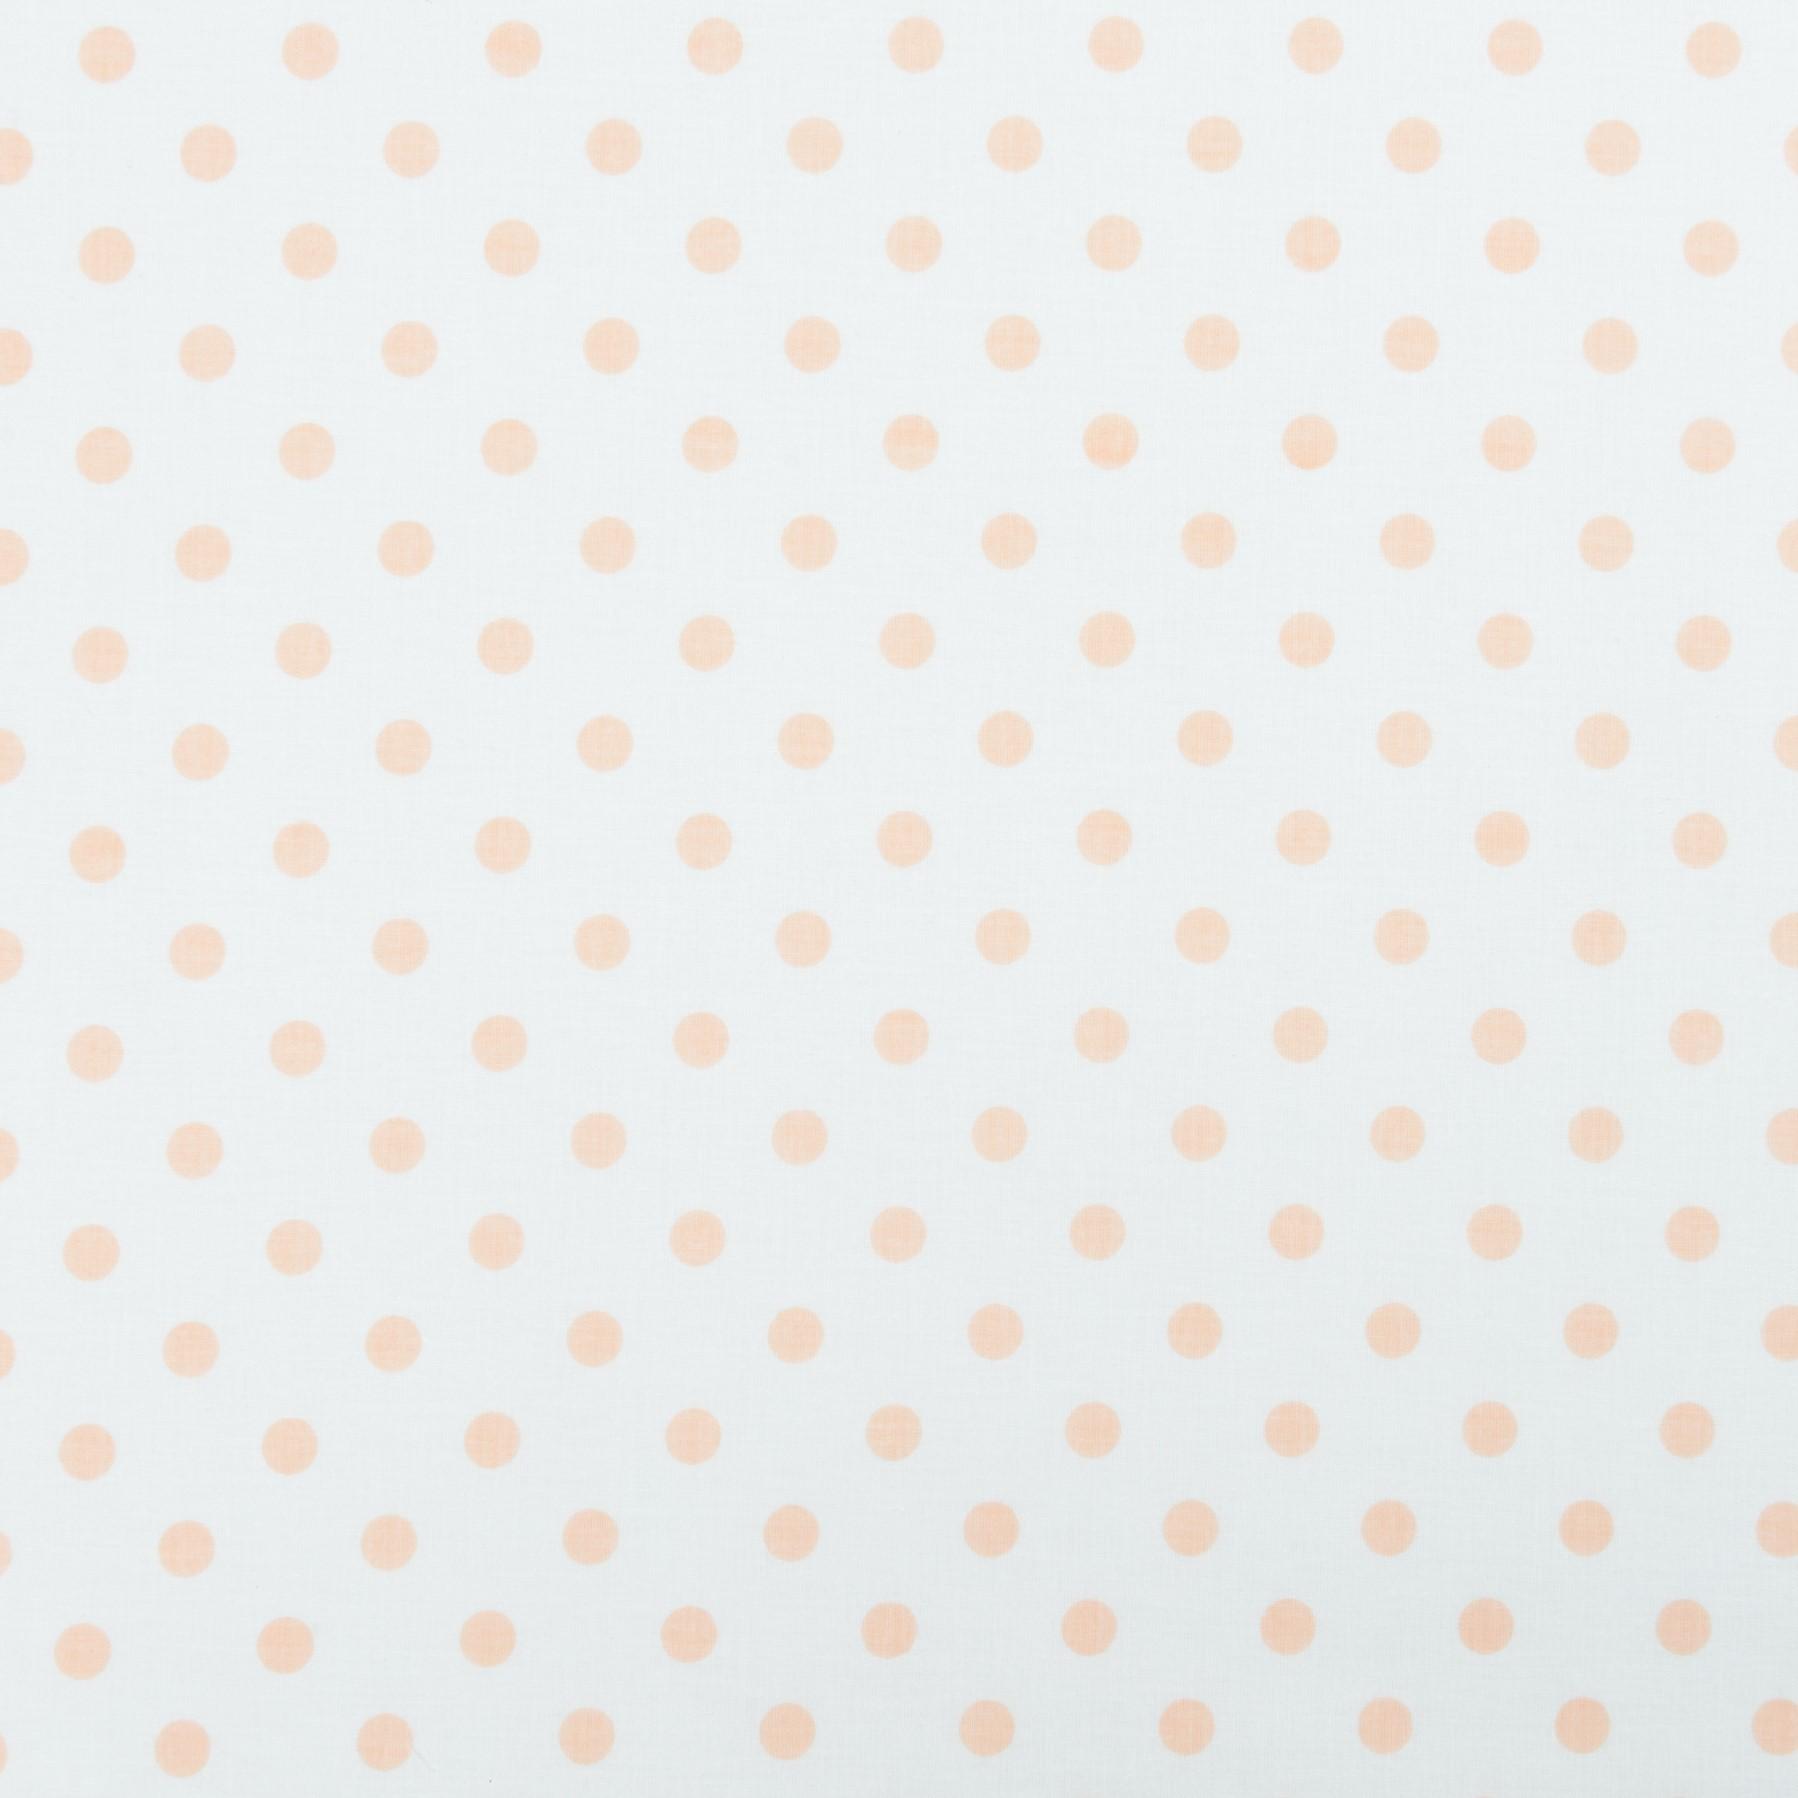 Бязь набивная горошек персиковый, хлопок, 50х50 см, плотность 125